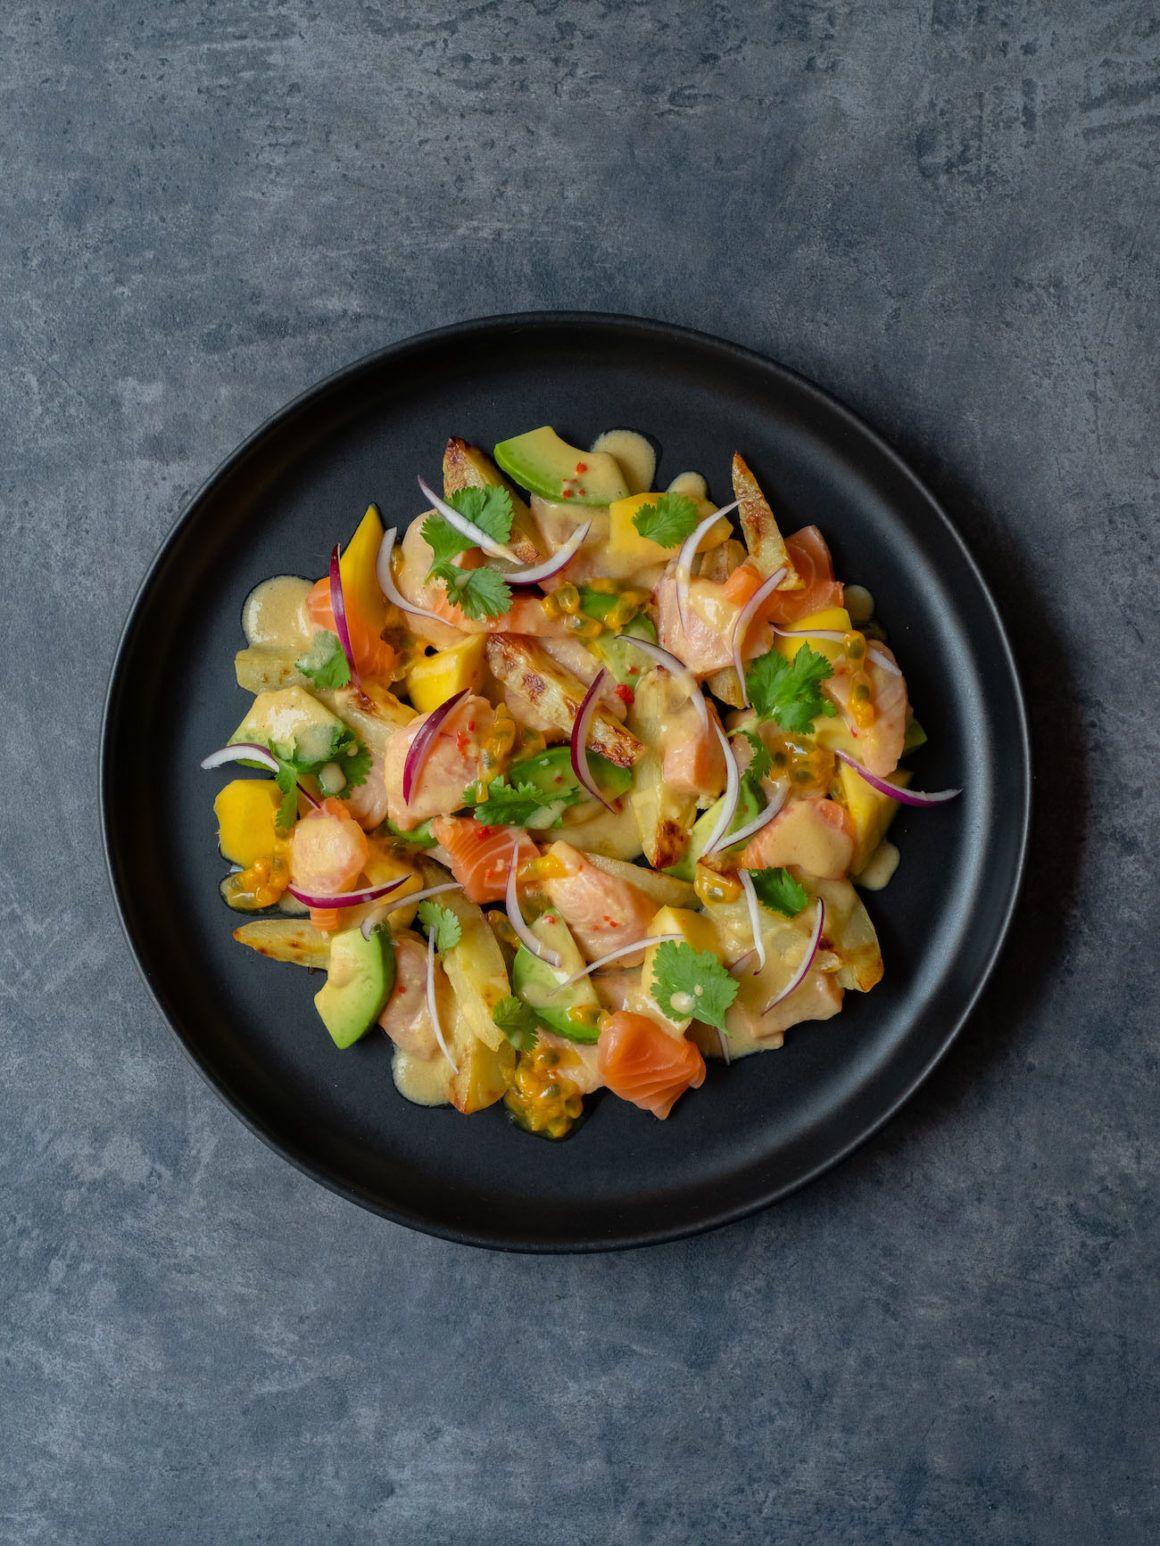 Foodblog, About Fuel, CEVICHE Das Kochbuch, Juan Danilo, Mango, Teller, Kartoffeln